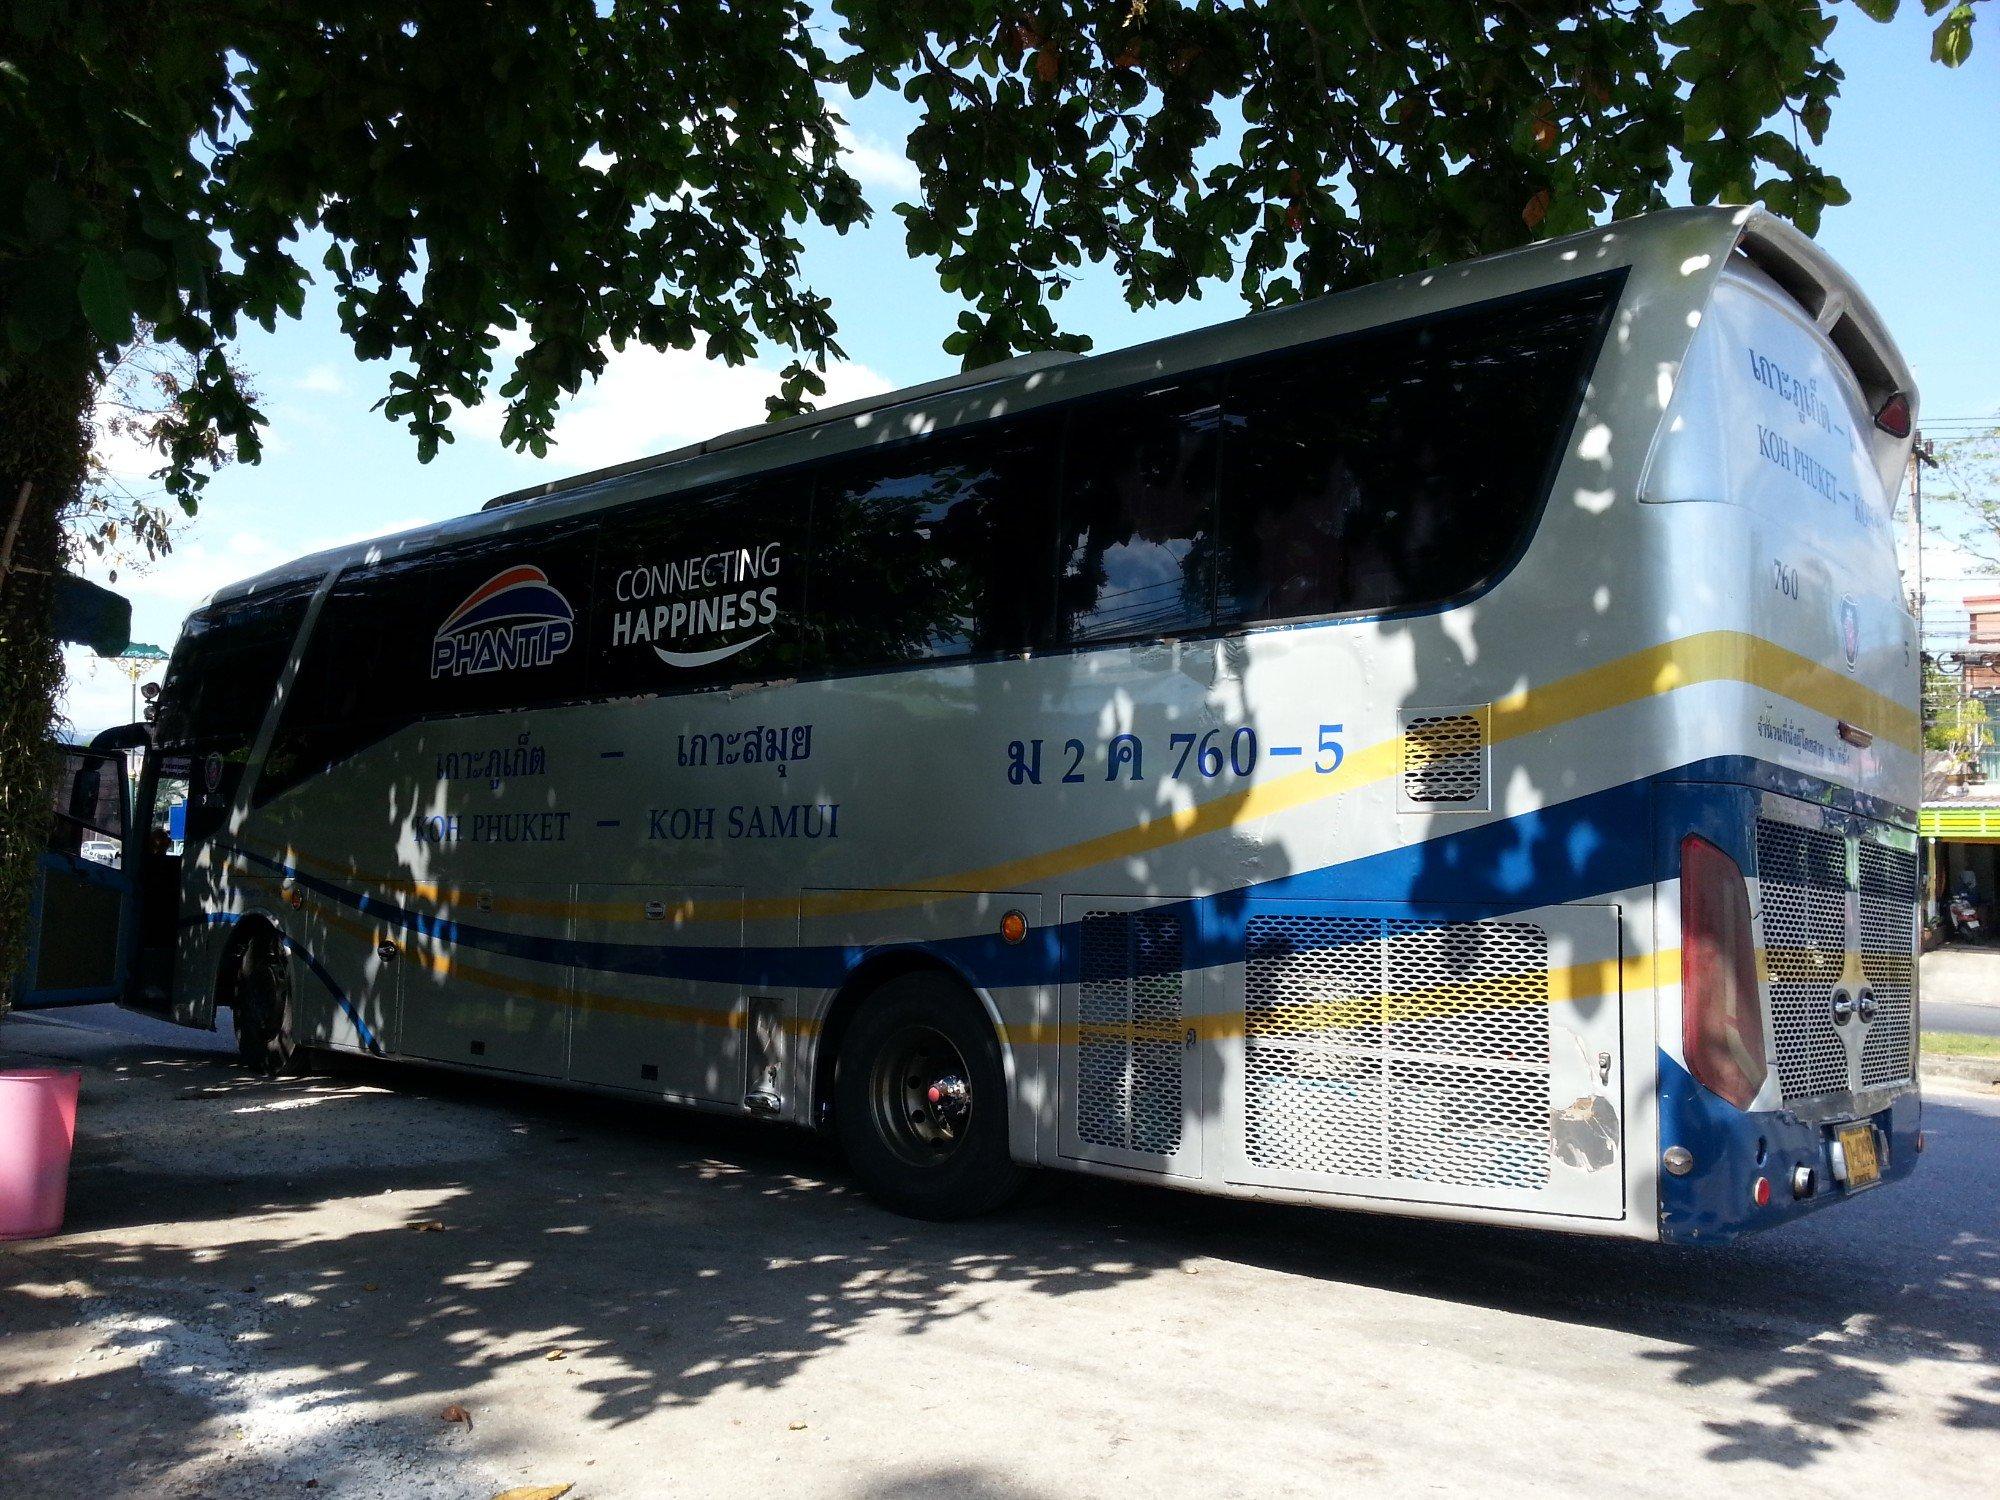 Phantip Travel Bus to Phuket